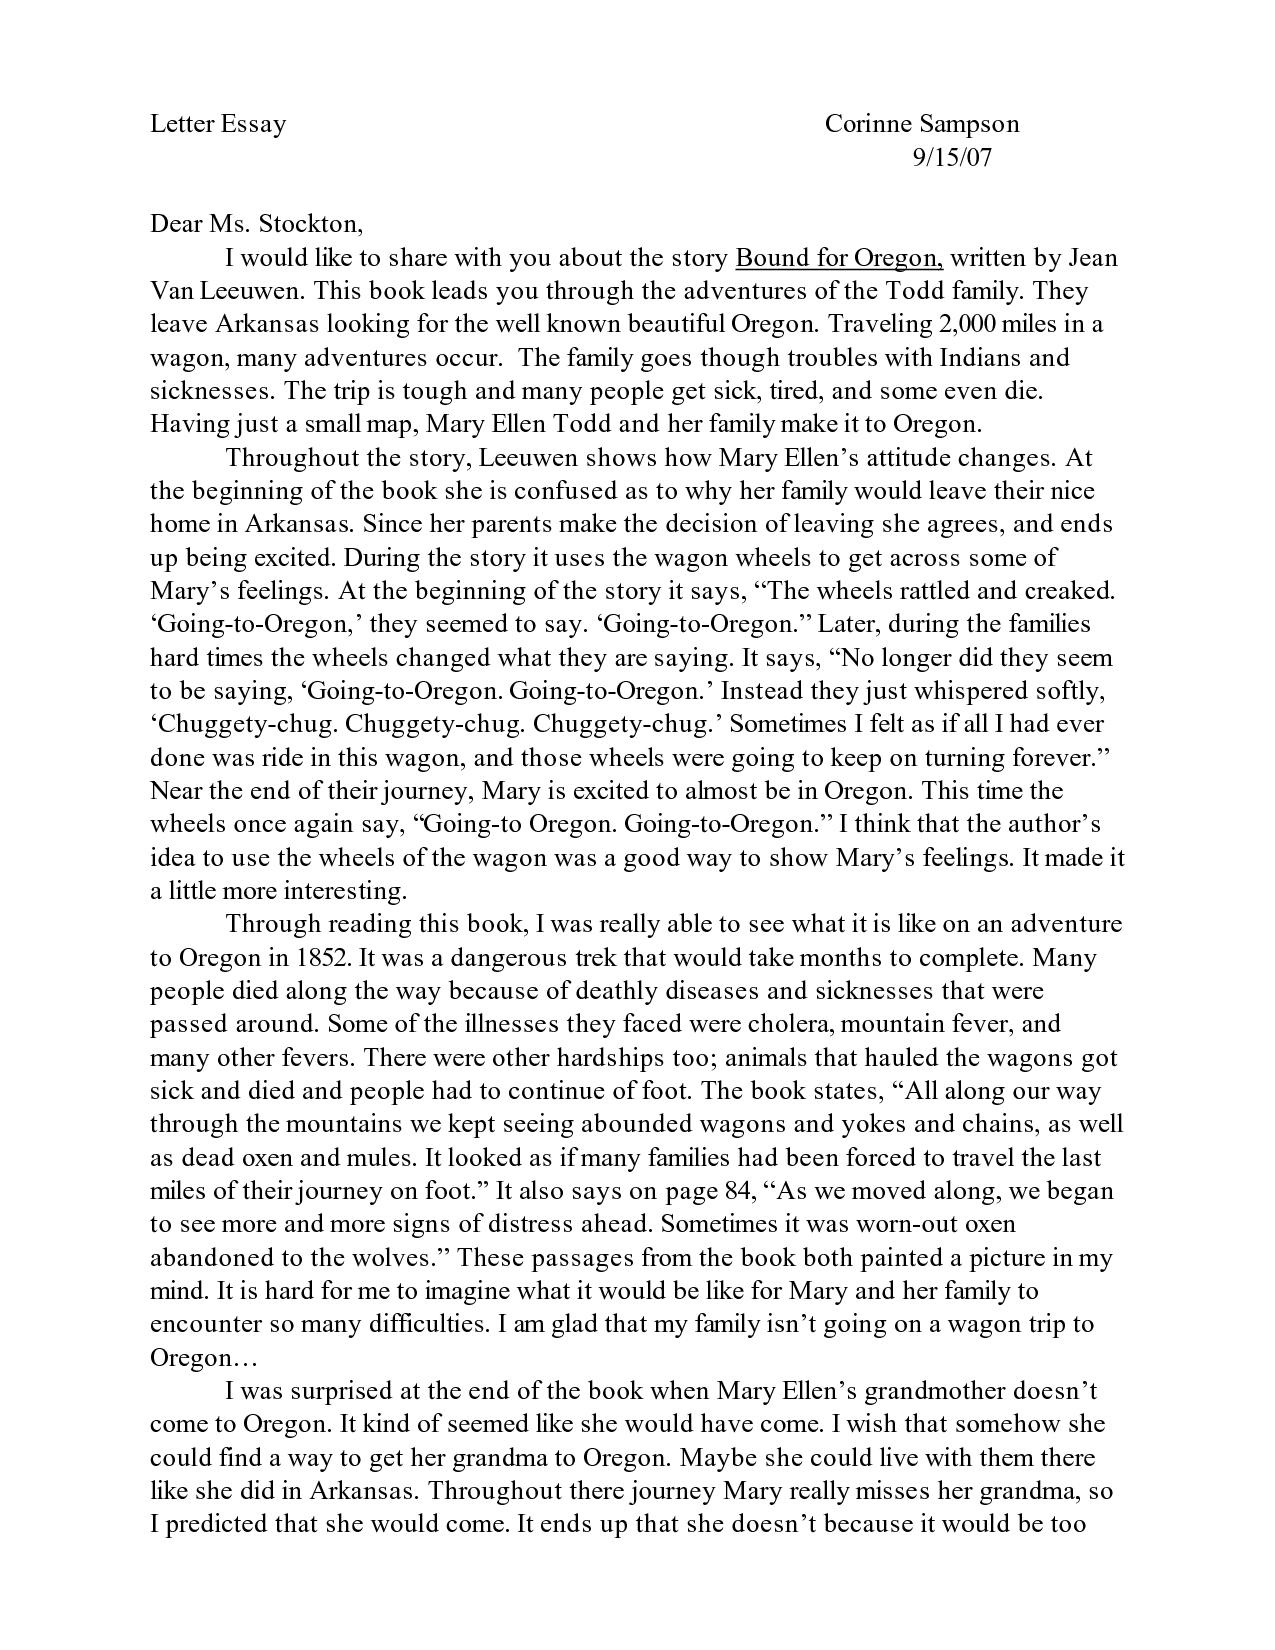 001 Sample Winning Scholarship Essays Essay Sensational Full